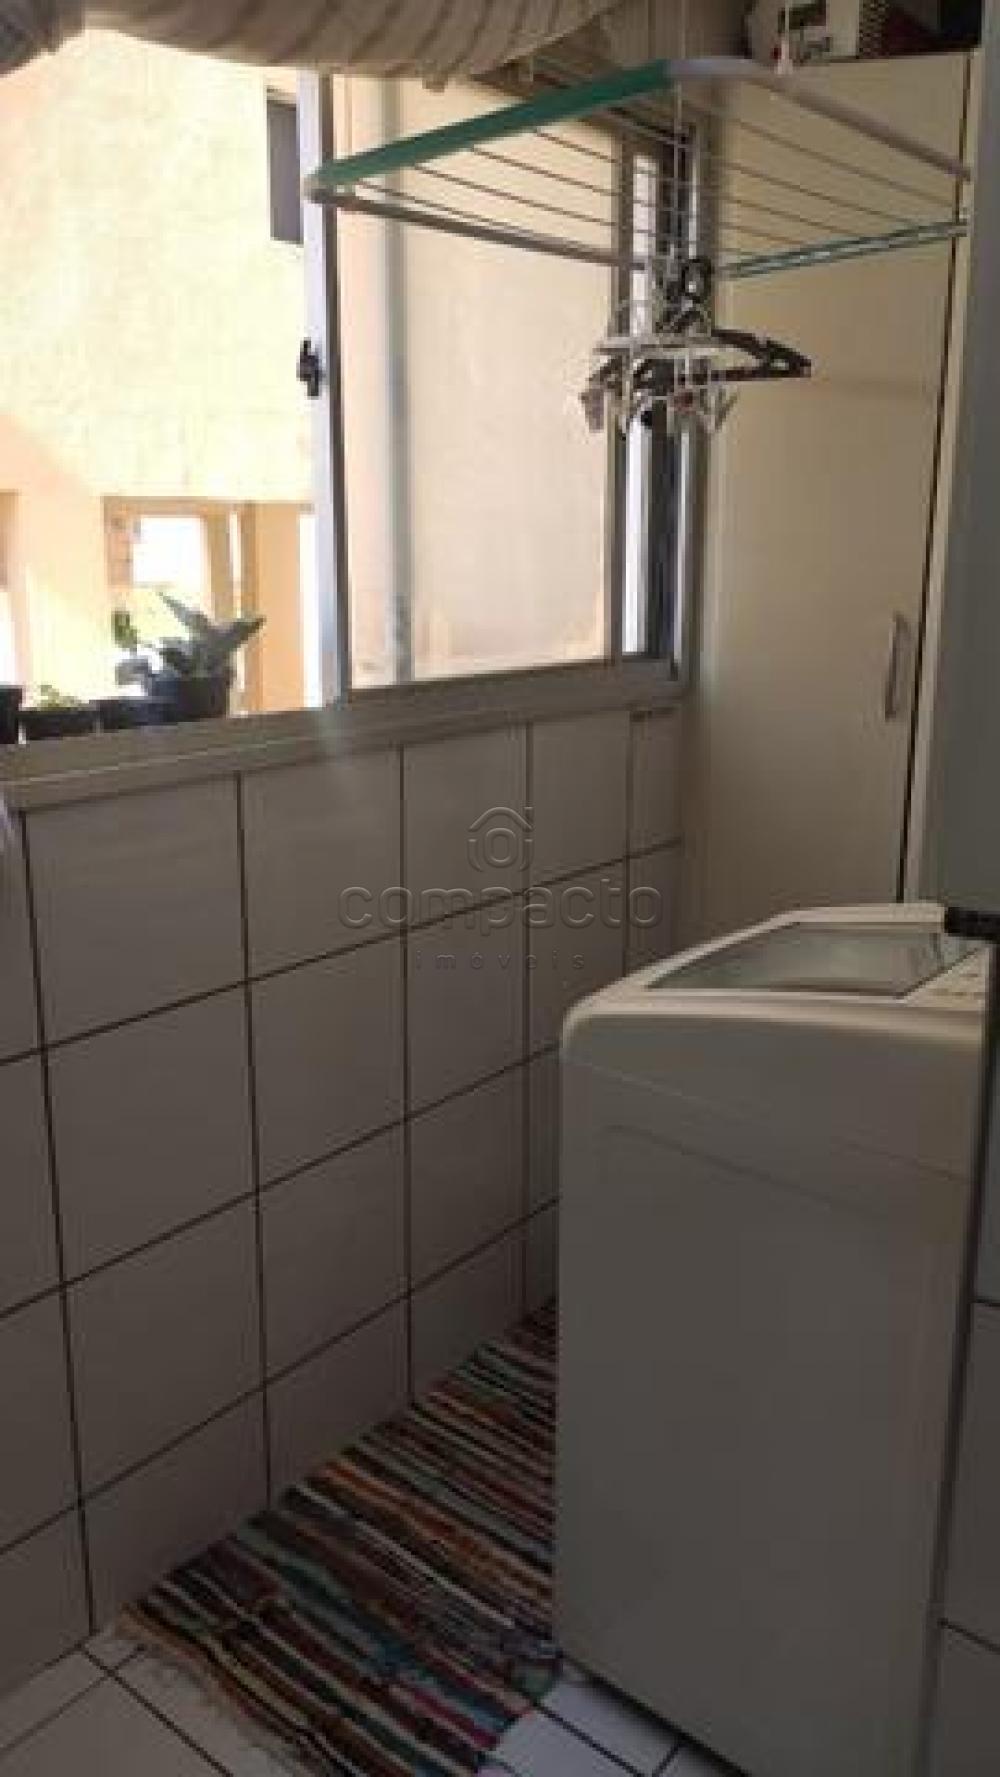 Comprar Apartamento / Padrão em São José do Rio Preto apenas R$ 170.000,00 - Foto 16